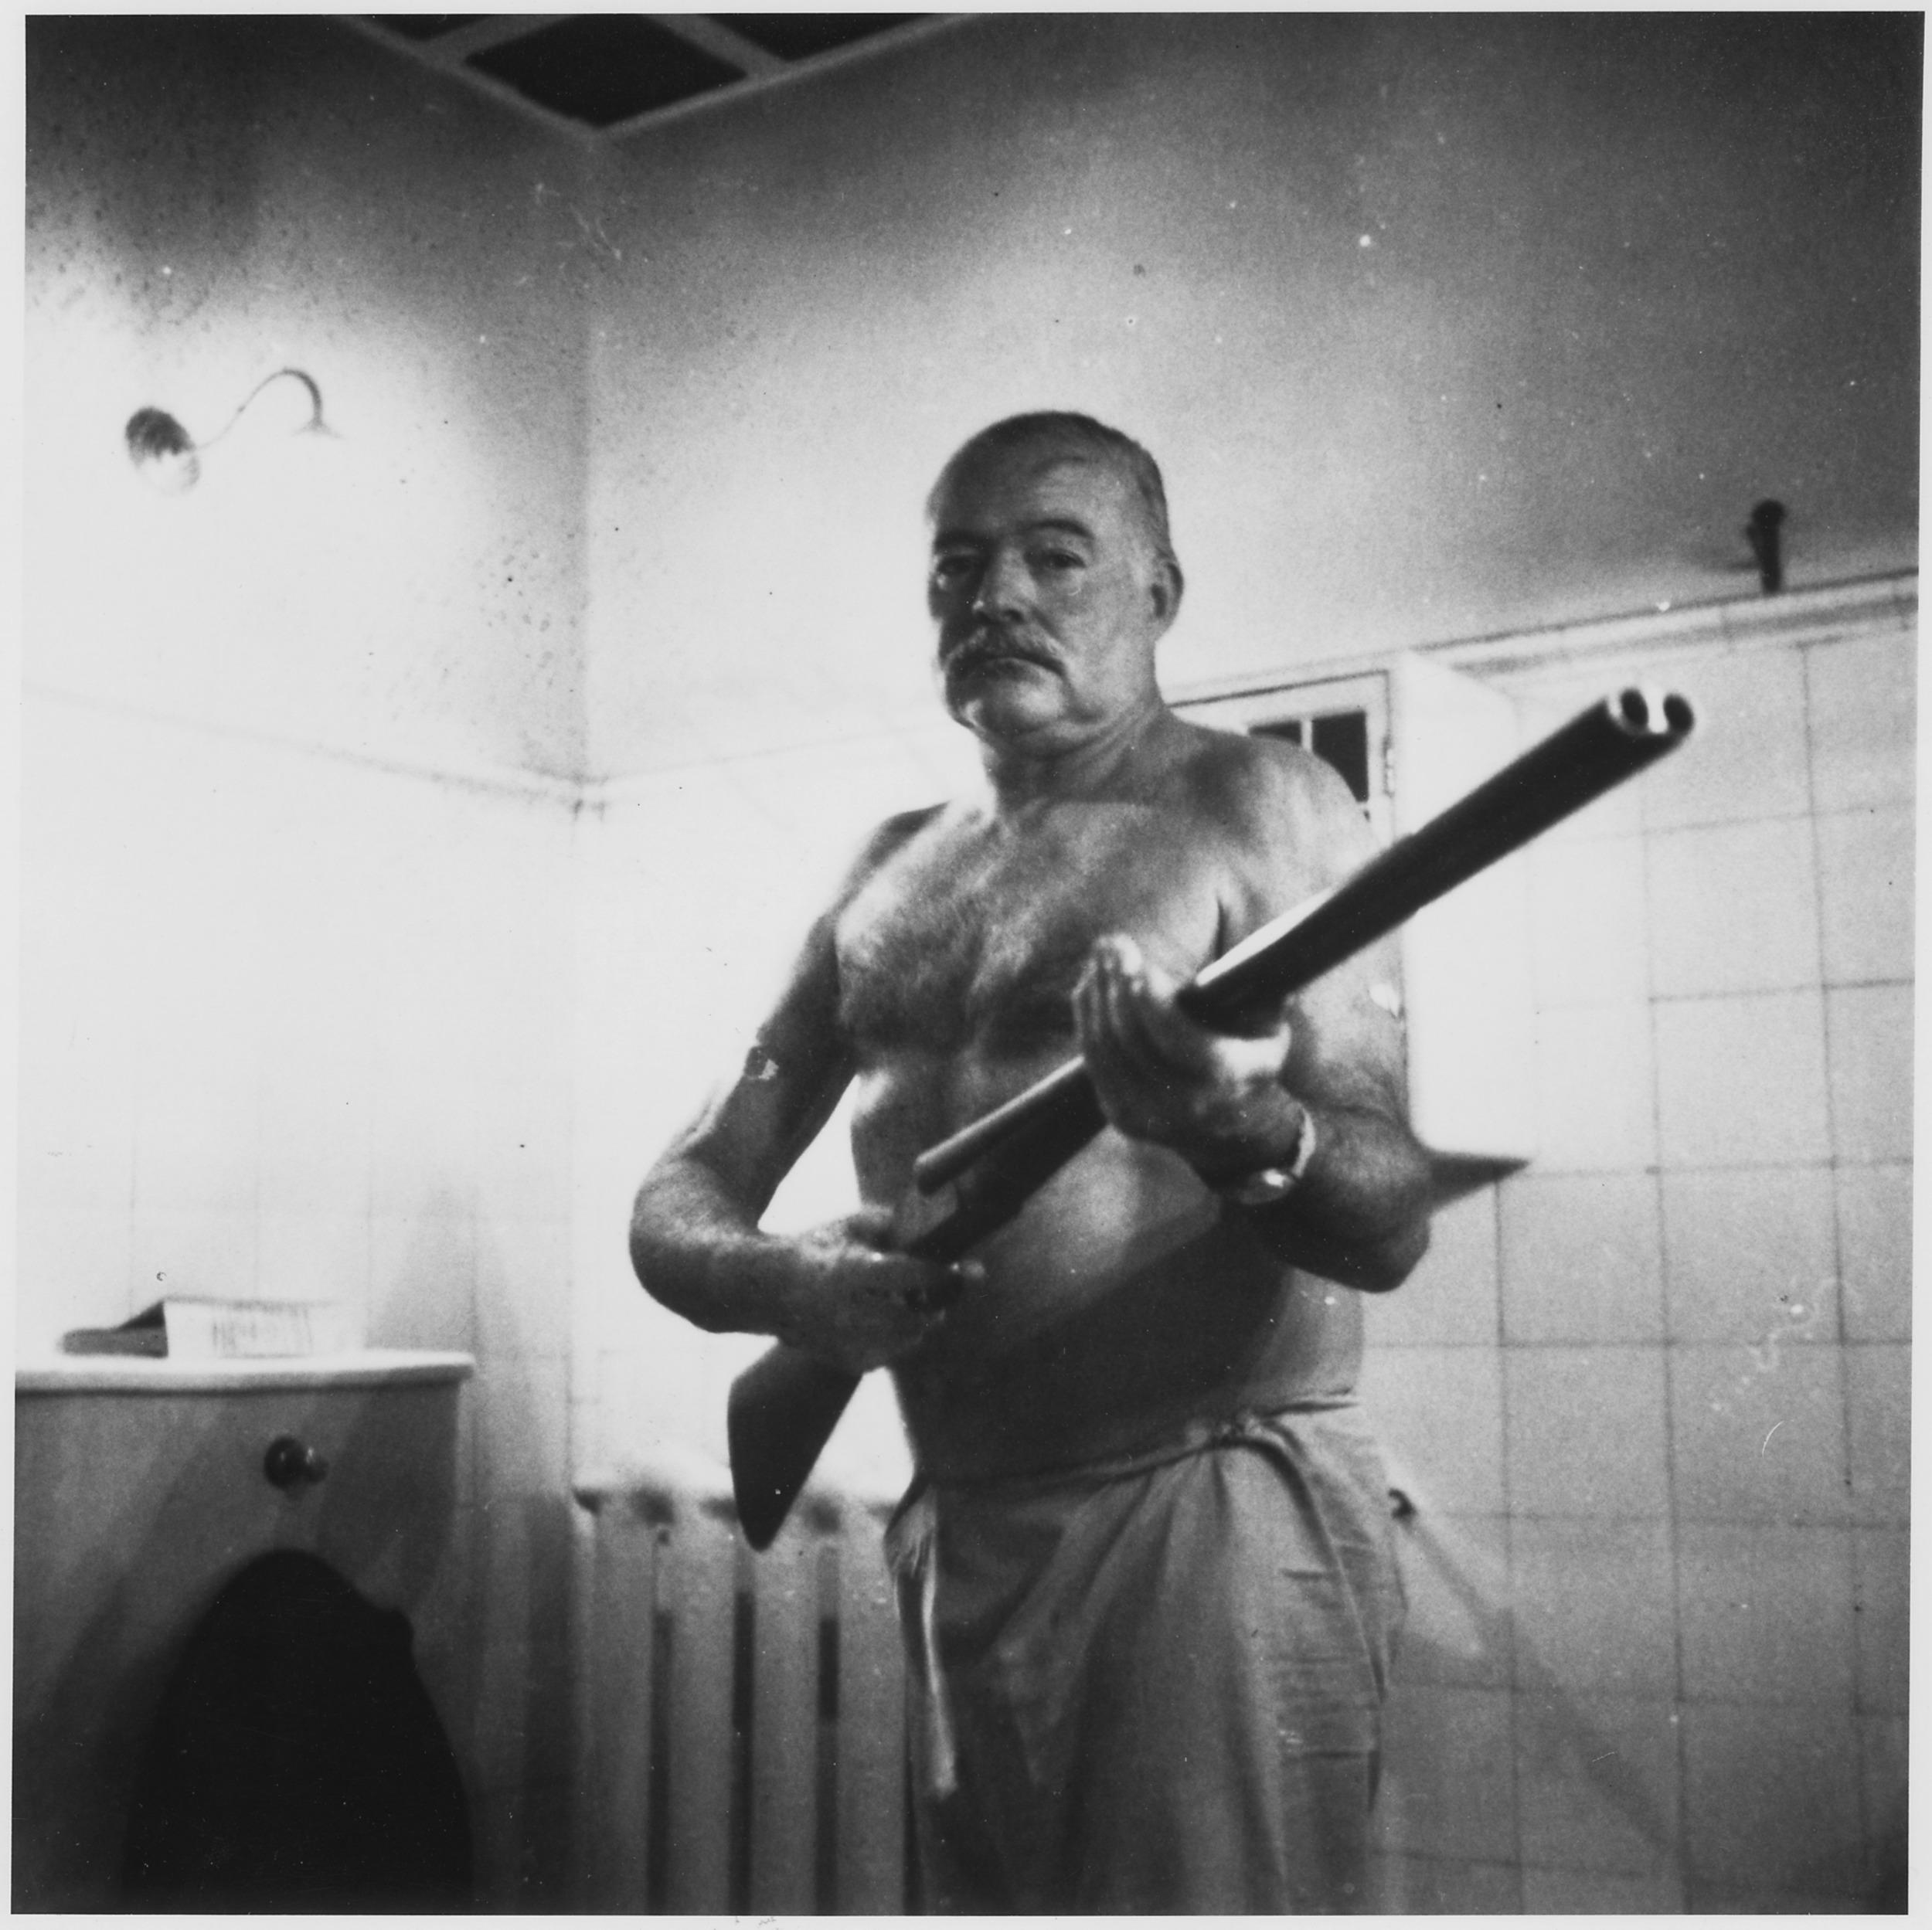 Hemingway has a gun